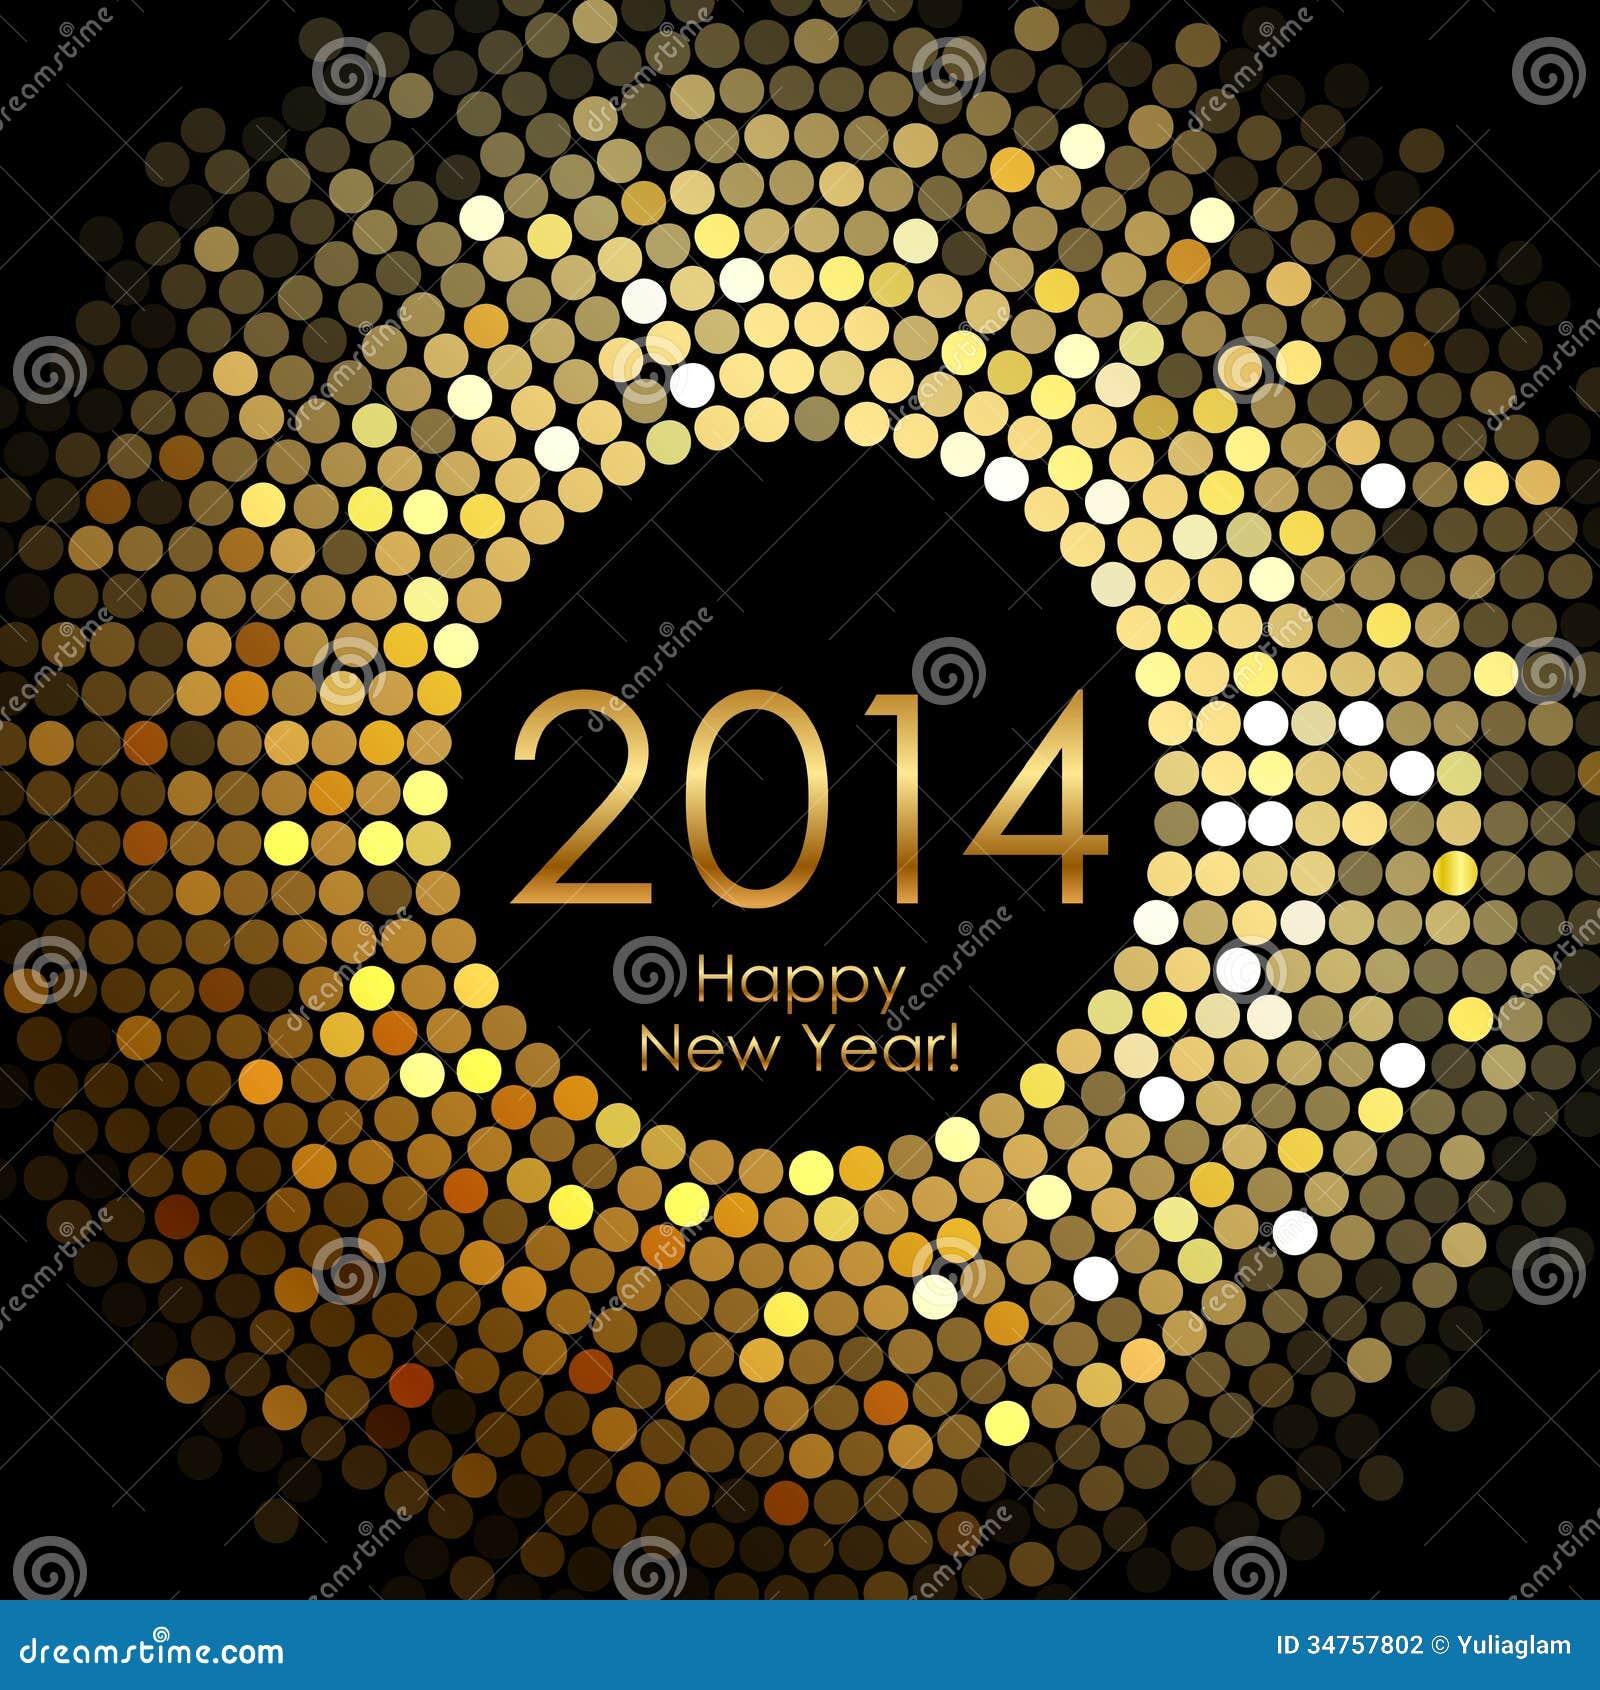 Guten Rutsch Ins Neue Jahr 2014 - Golddisco Beleuchtet Rahmen Vektor ...